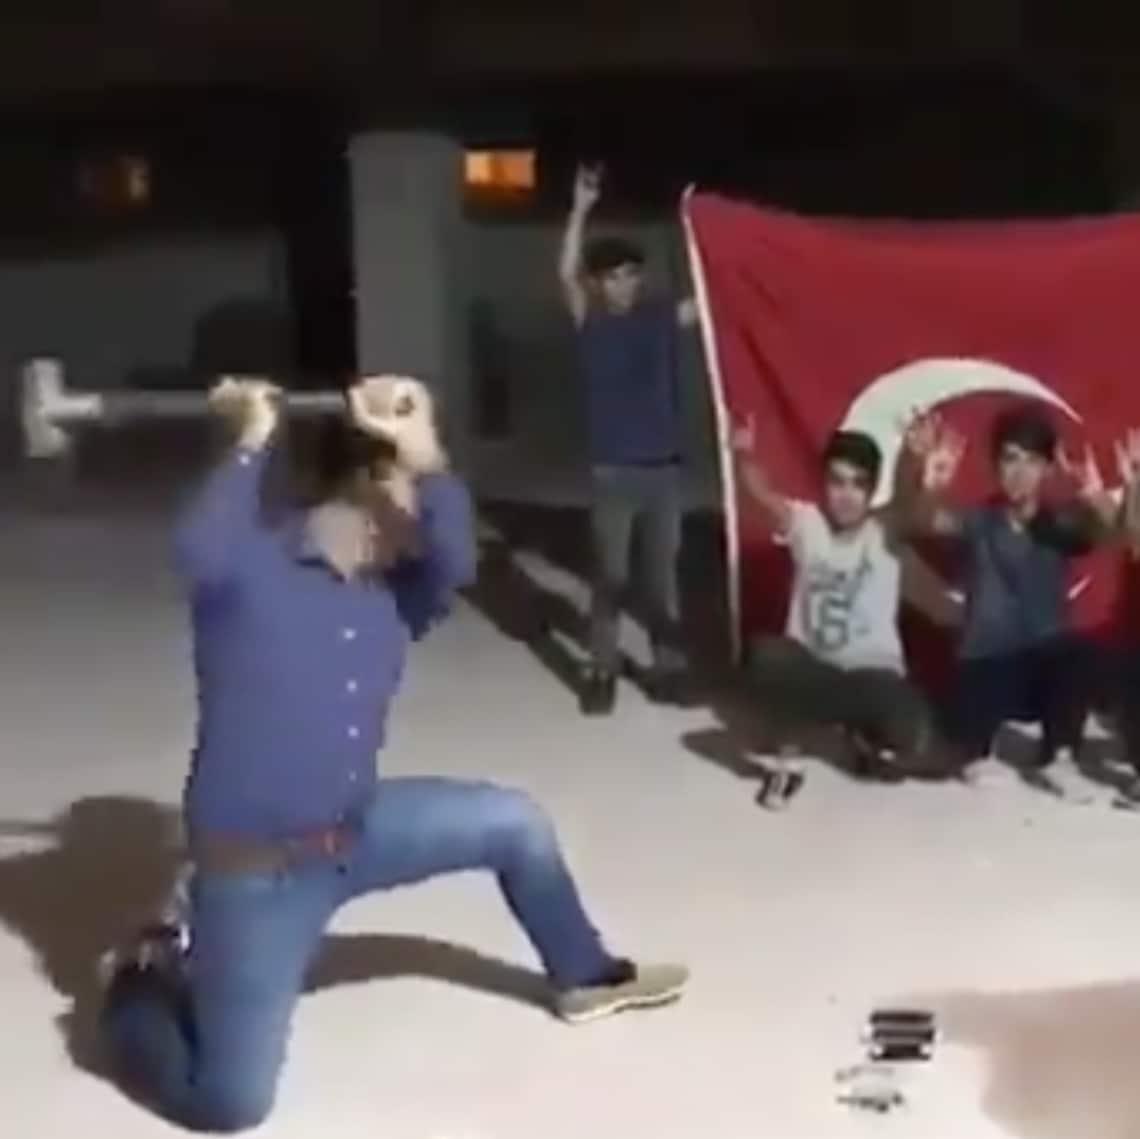 Erdoğan-Anhänger beim iPhone-Hämmern.